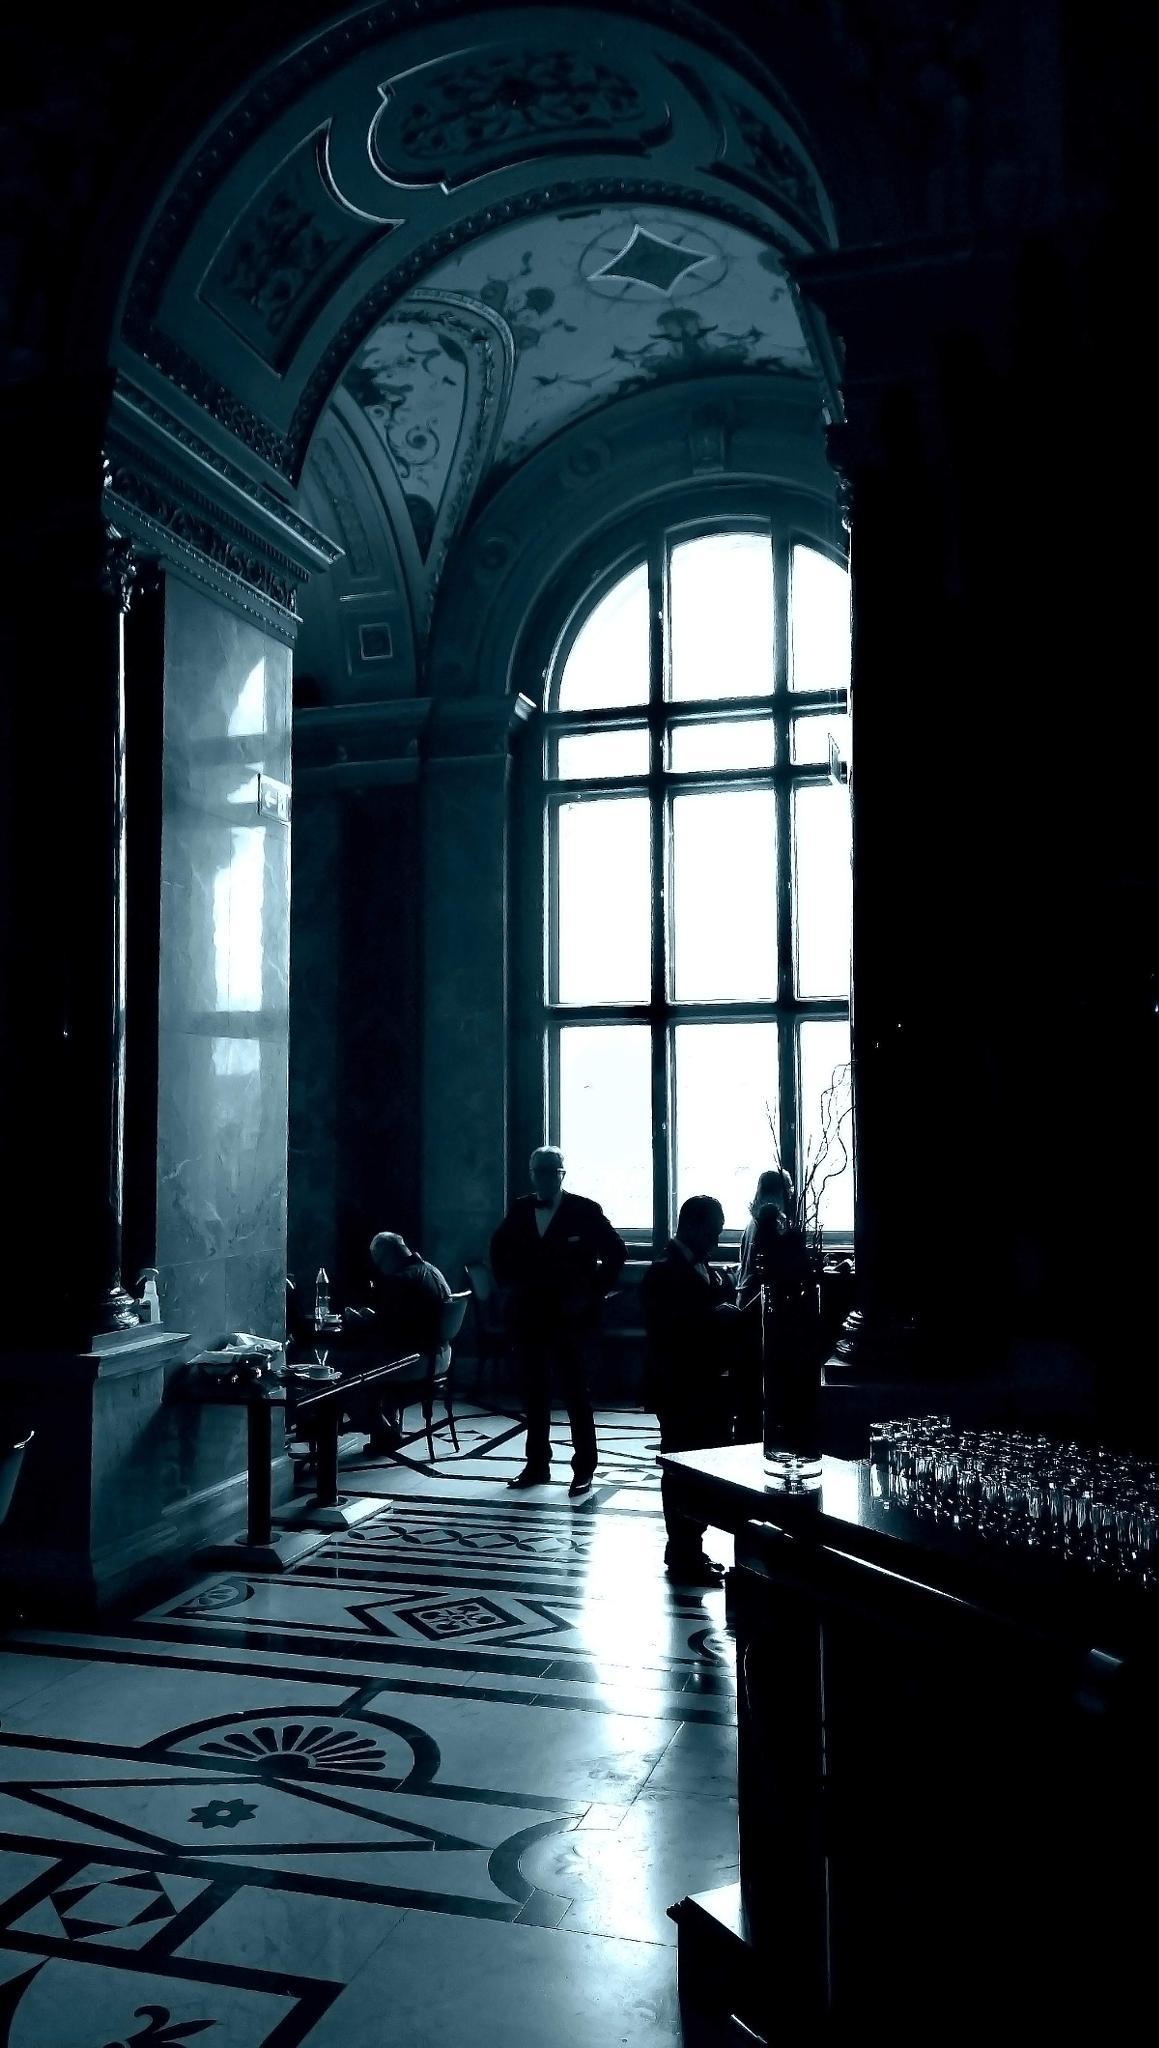 Blue Hall by sreten nakićenović